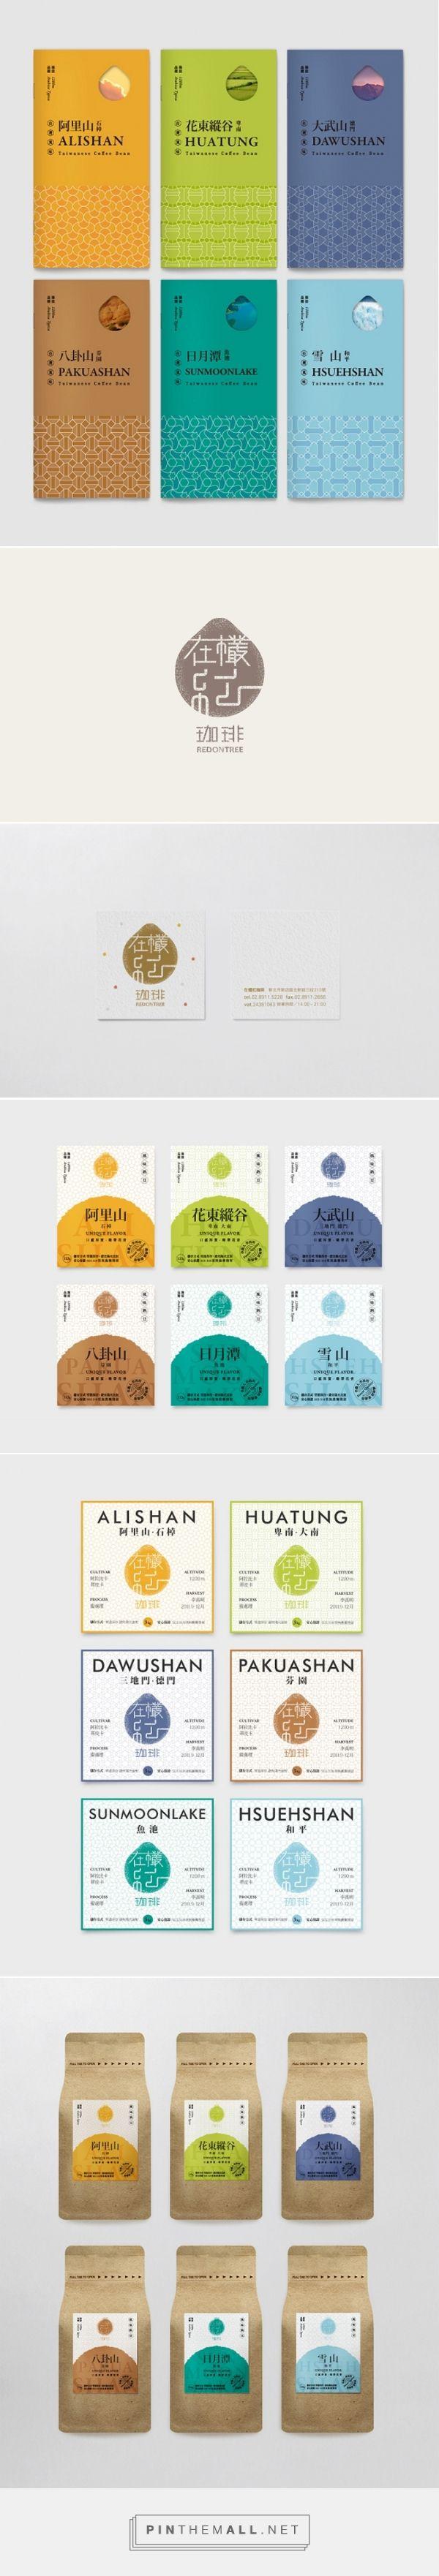 黑秀網 HeyShow.com - 台灣設計師入口網站,設計人與設計創意作品大本營! > 設計文章 > 視覺設計 >…